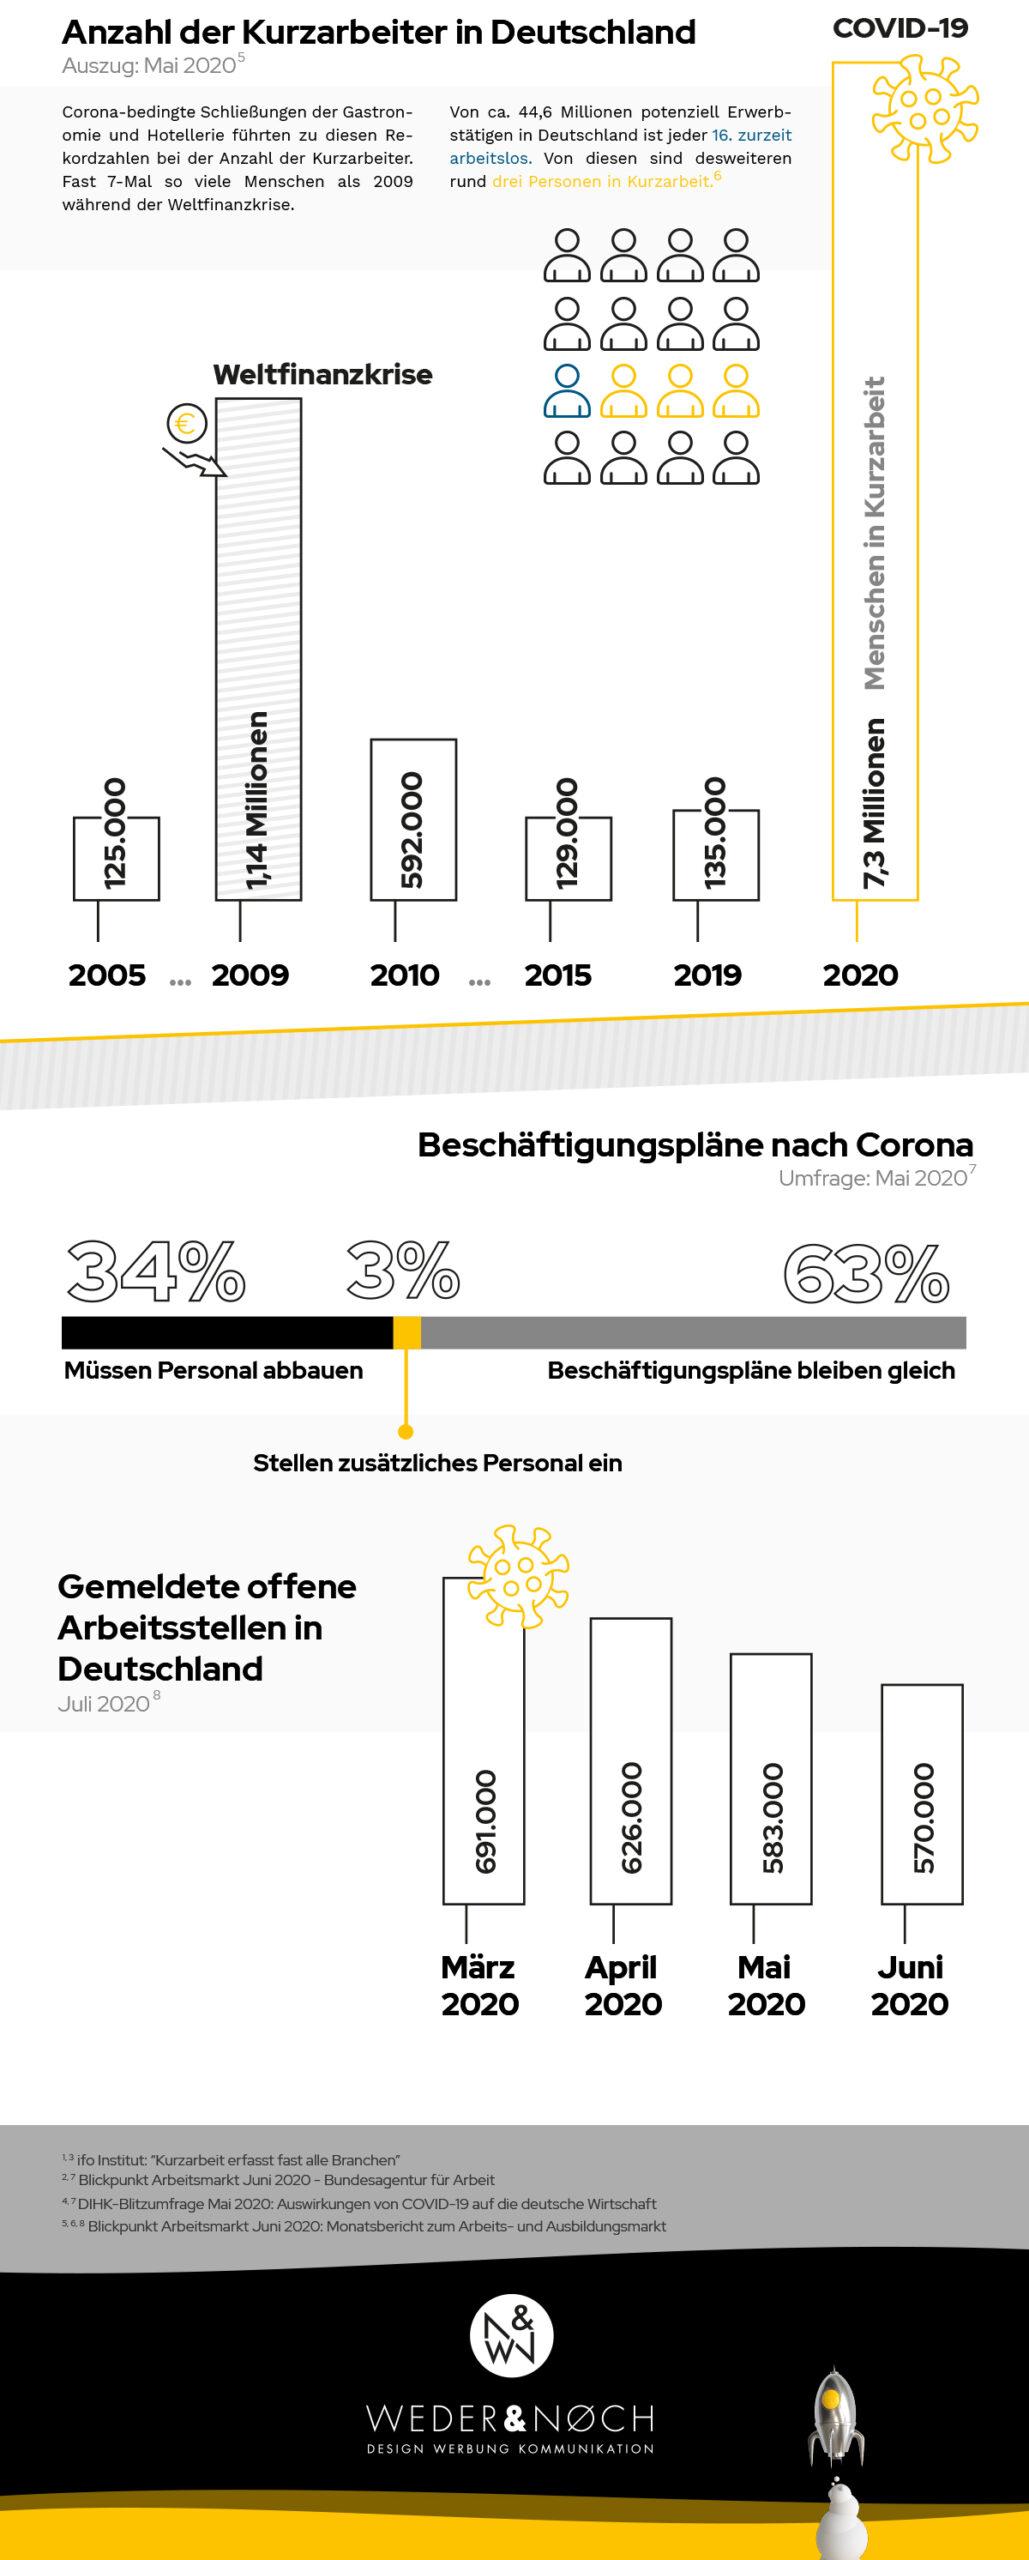 Infographic über die Kurzarbeit und Arbeitslosigkeit in Deutschland